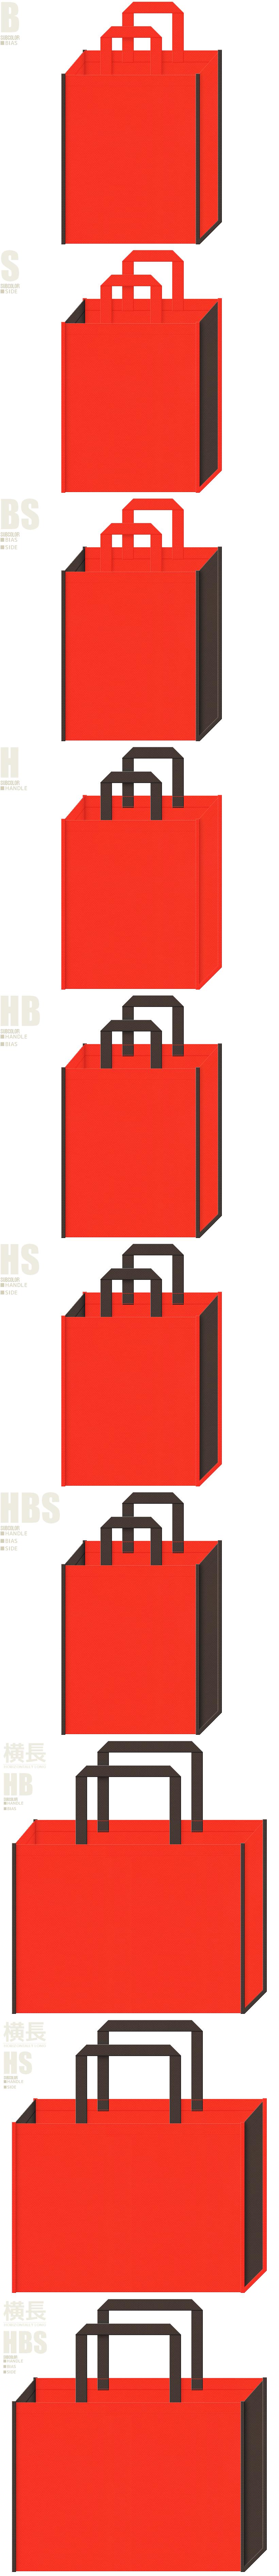 ハロウィンにお奨めの、オレンジ色とこげ茶色-7パターンの不織布トートバッグ配色デザイン例。